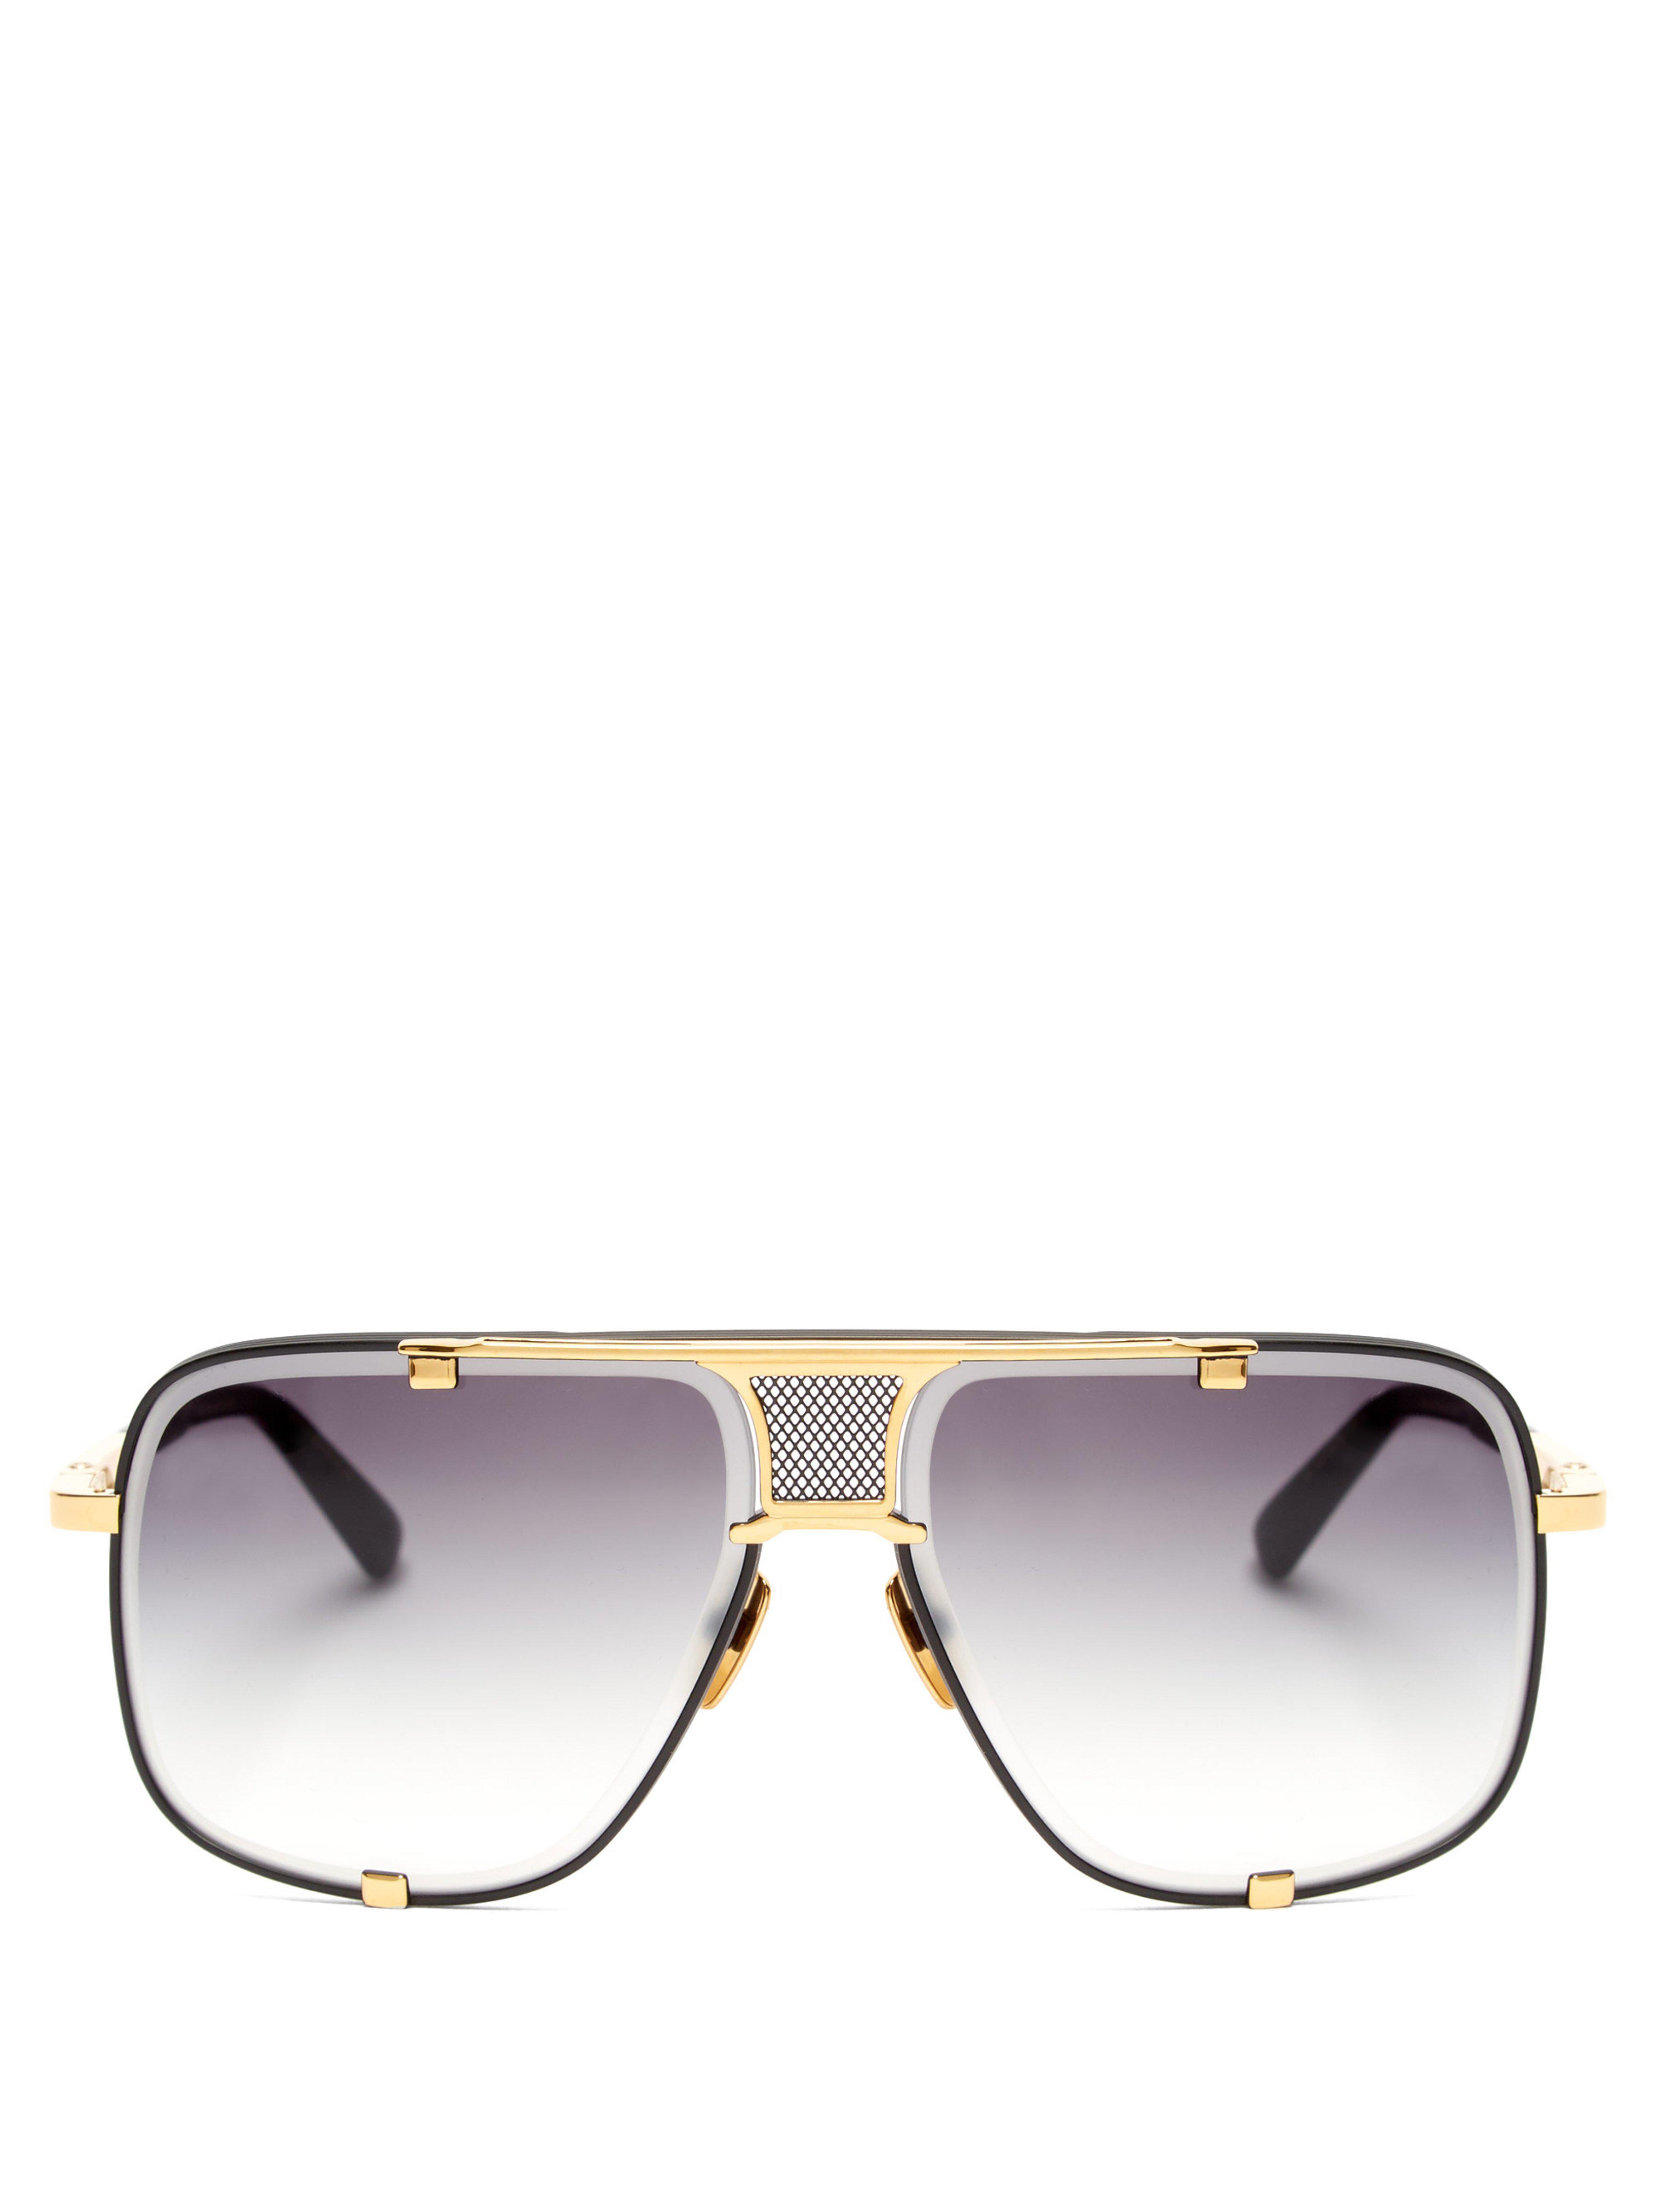 a6773e870851 Dita Eyewear Mach Five Aviator Sunglasses in Black for Men - Lyst